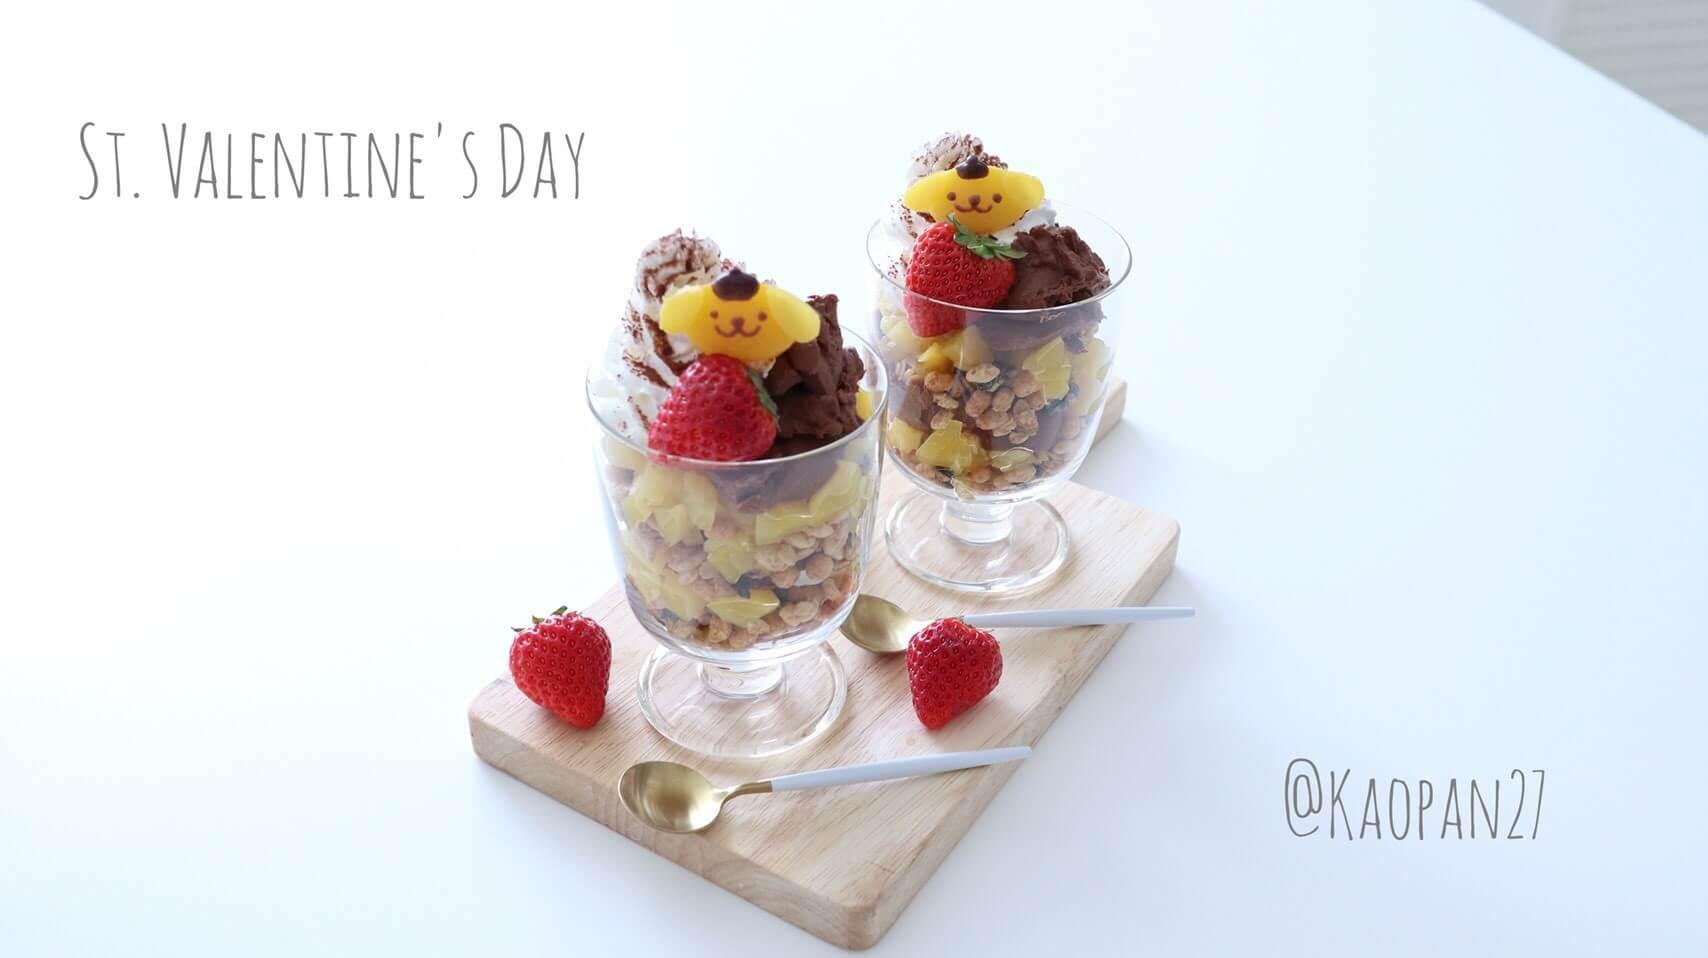 ポムポムプリン スイーツ レシピ pompompurin Recipe 布丁狗 甜點 食譜 バレンタイン valentine 情人節8